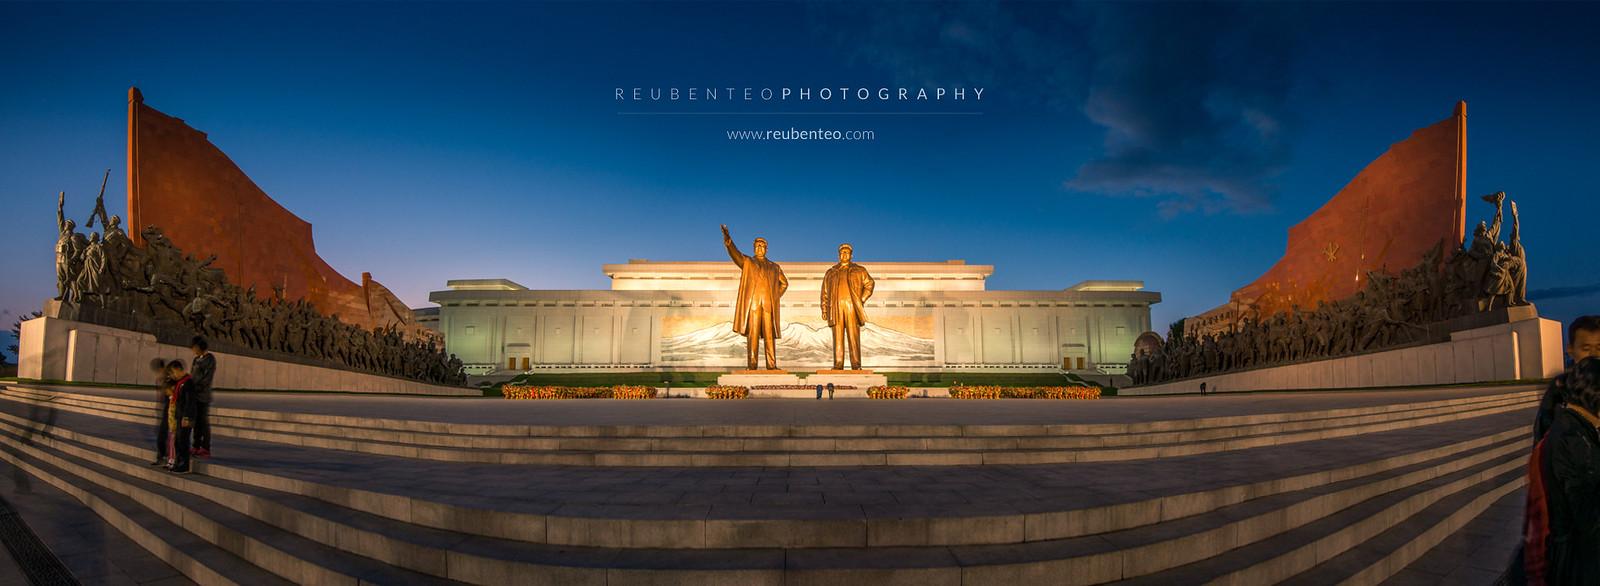 Mansudae Grand Monuement, Pyongyang